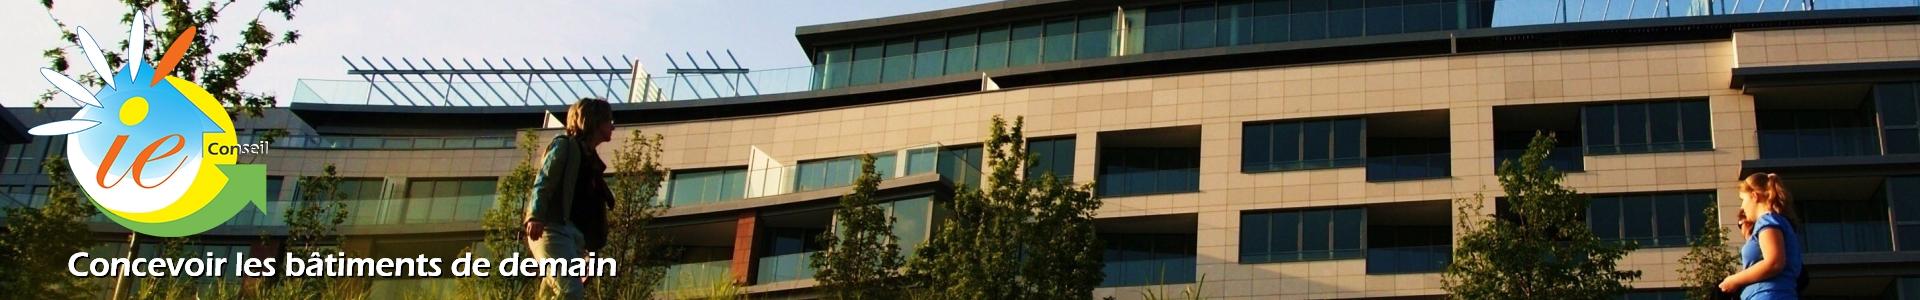 IE Conseil – Bureau d'études thermique, énergie et environnement